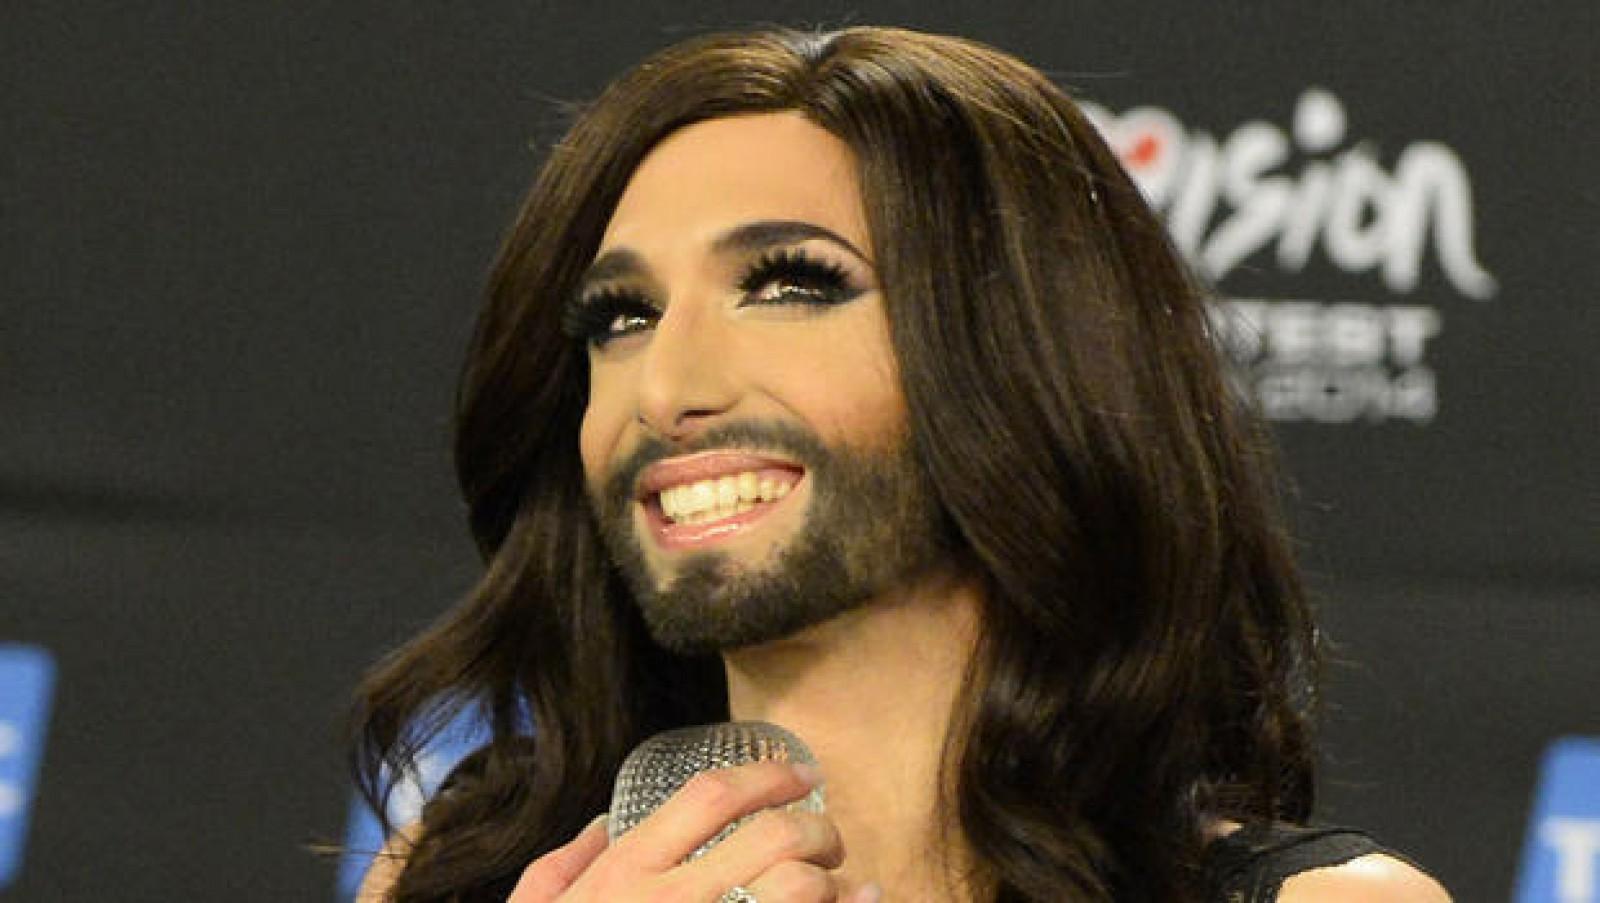 Câștigătorul Austriei la Eurovision, Conchita Wurst a anunţat că are HIV